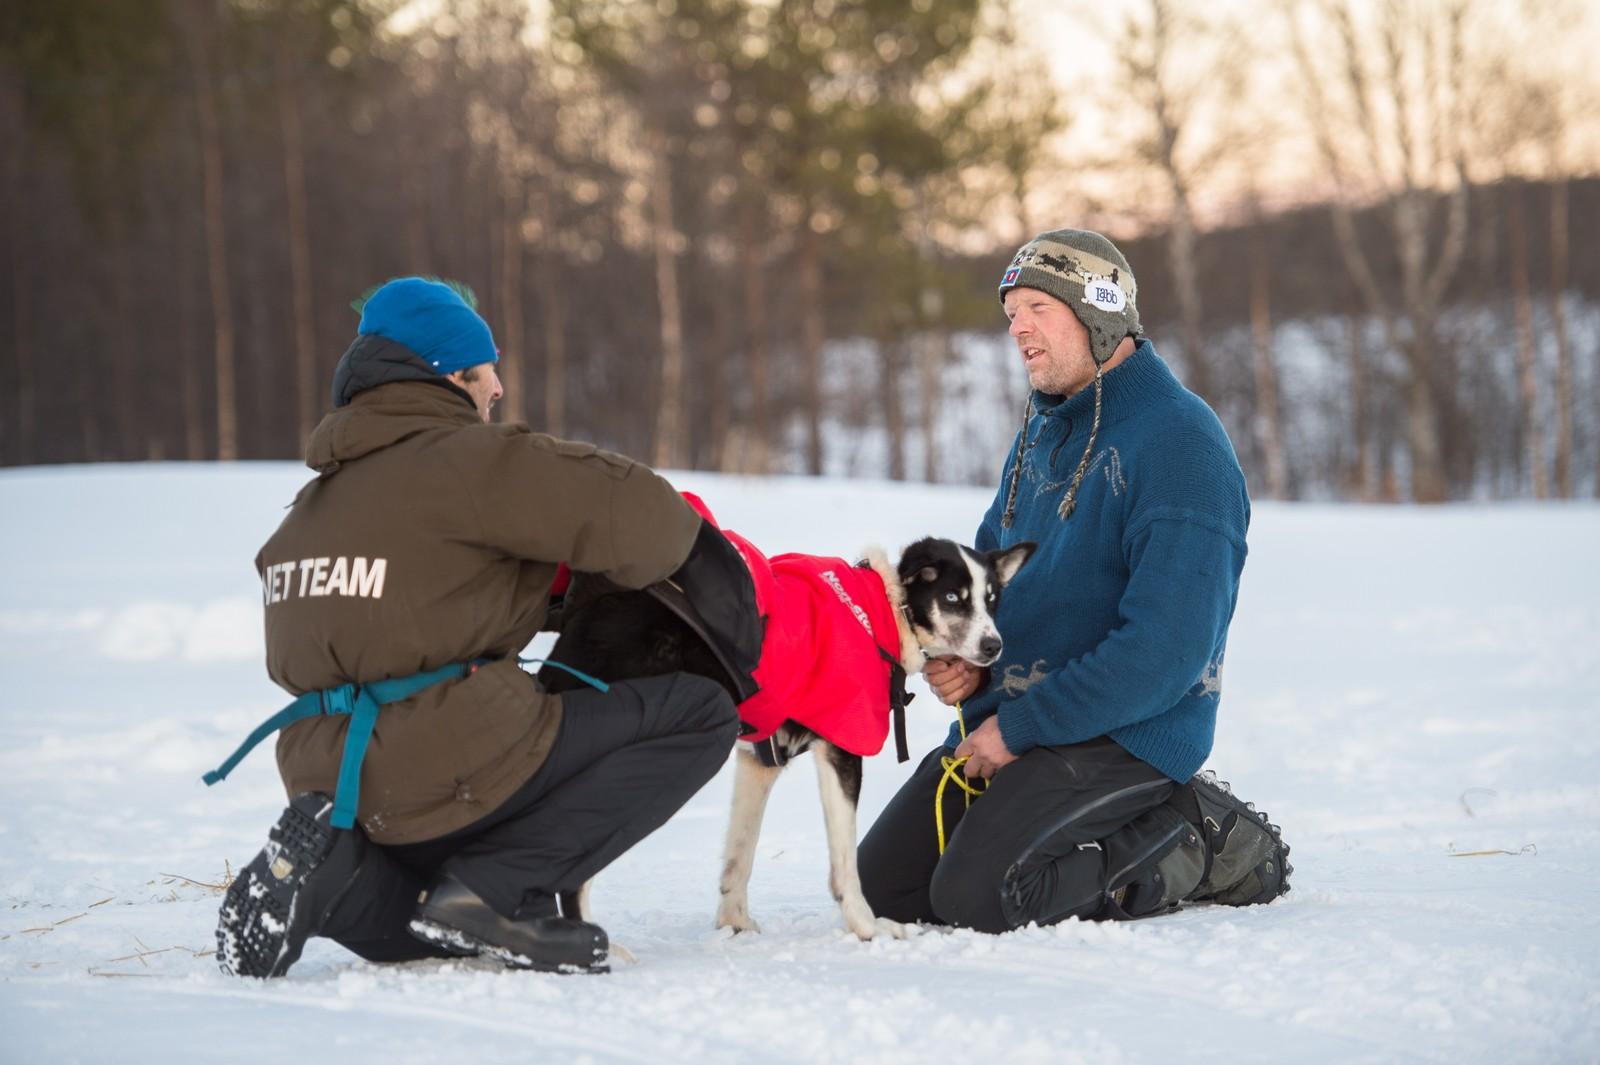 Arne Karlstrøm sjekker en hund sammen med veterinæren på sjekkpunktet i Øvre Pasvik. Han valgte å bryte årets Finnmarksløp.